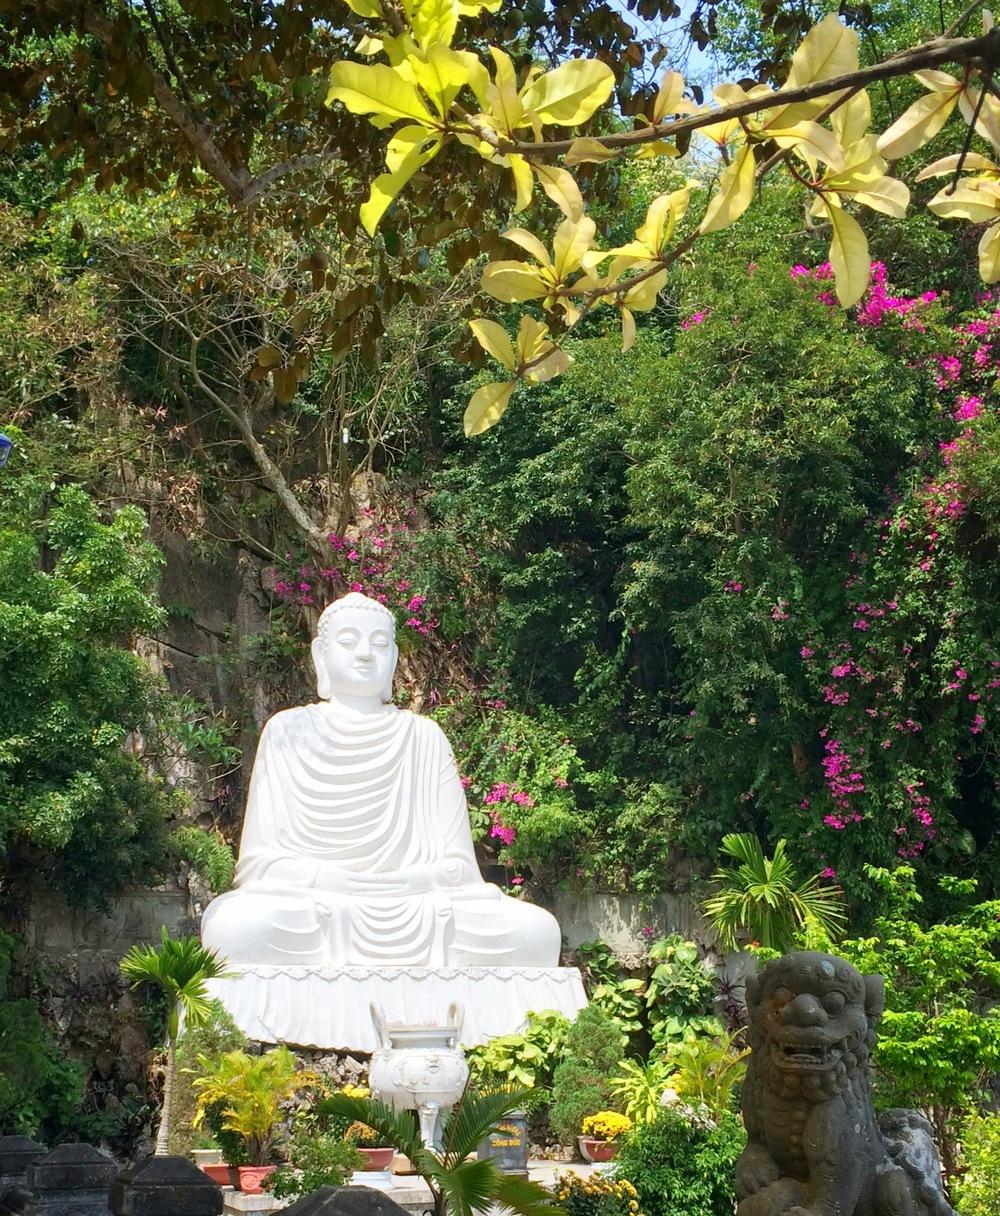 buddha stuff